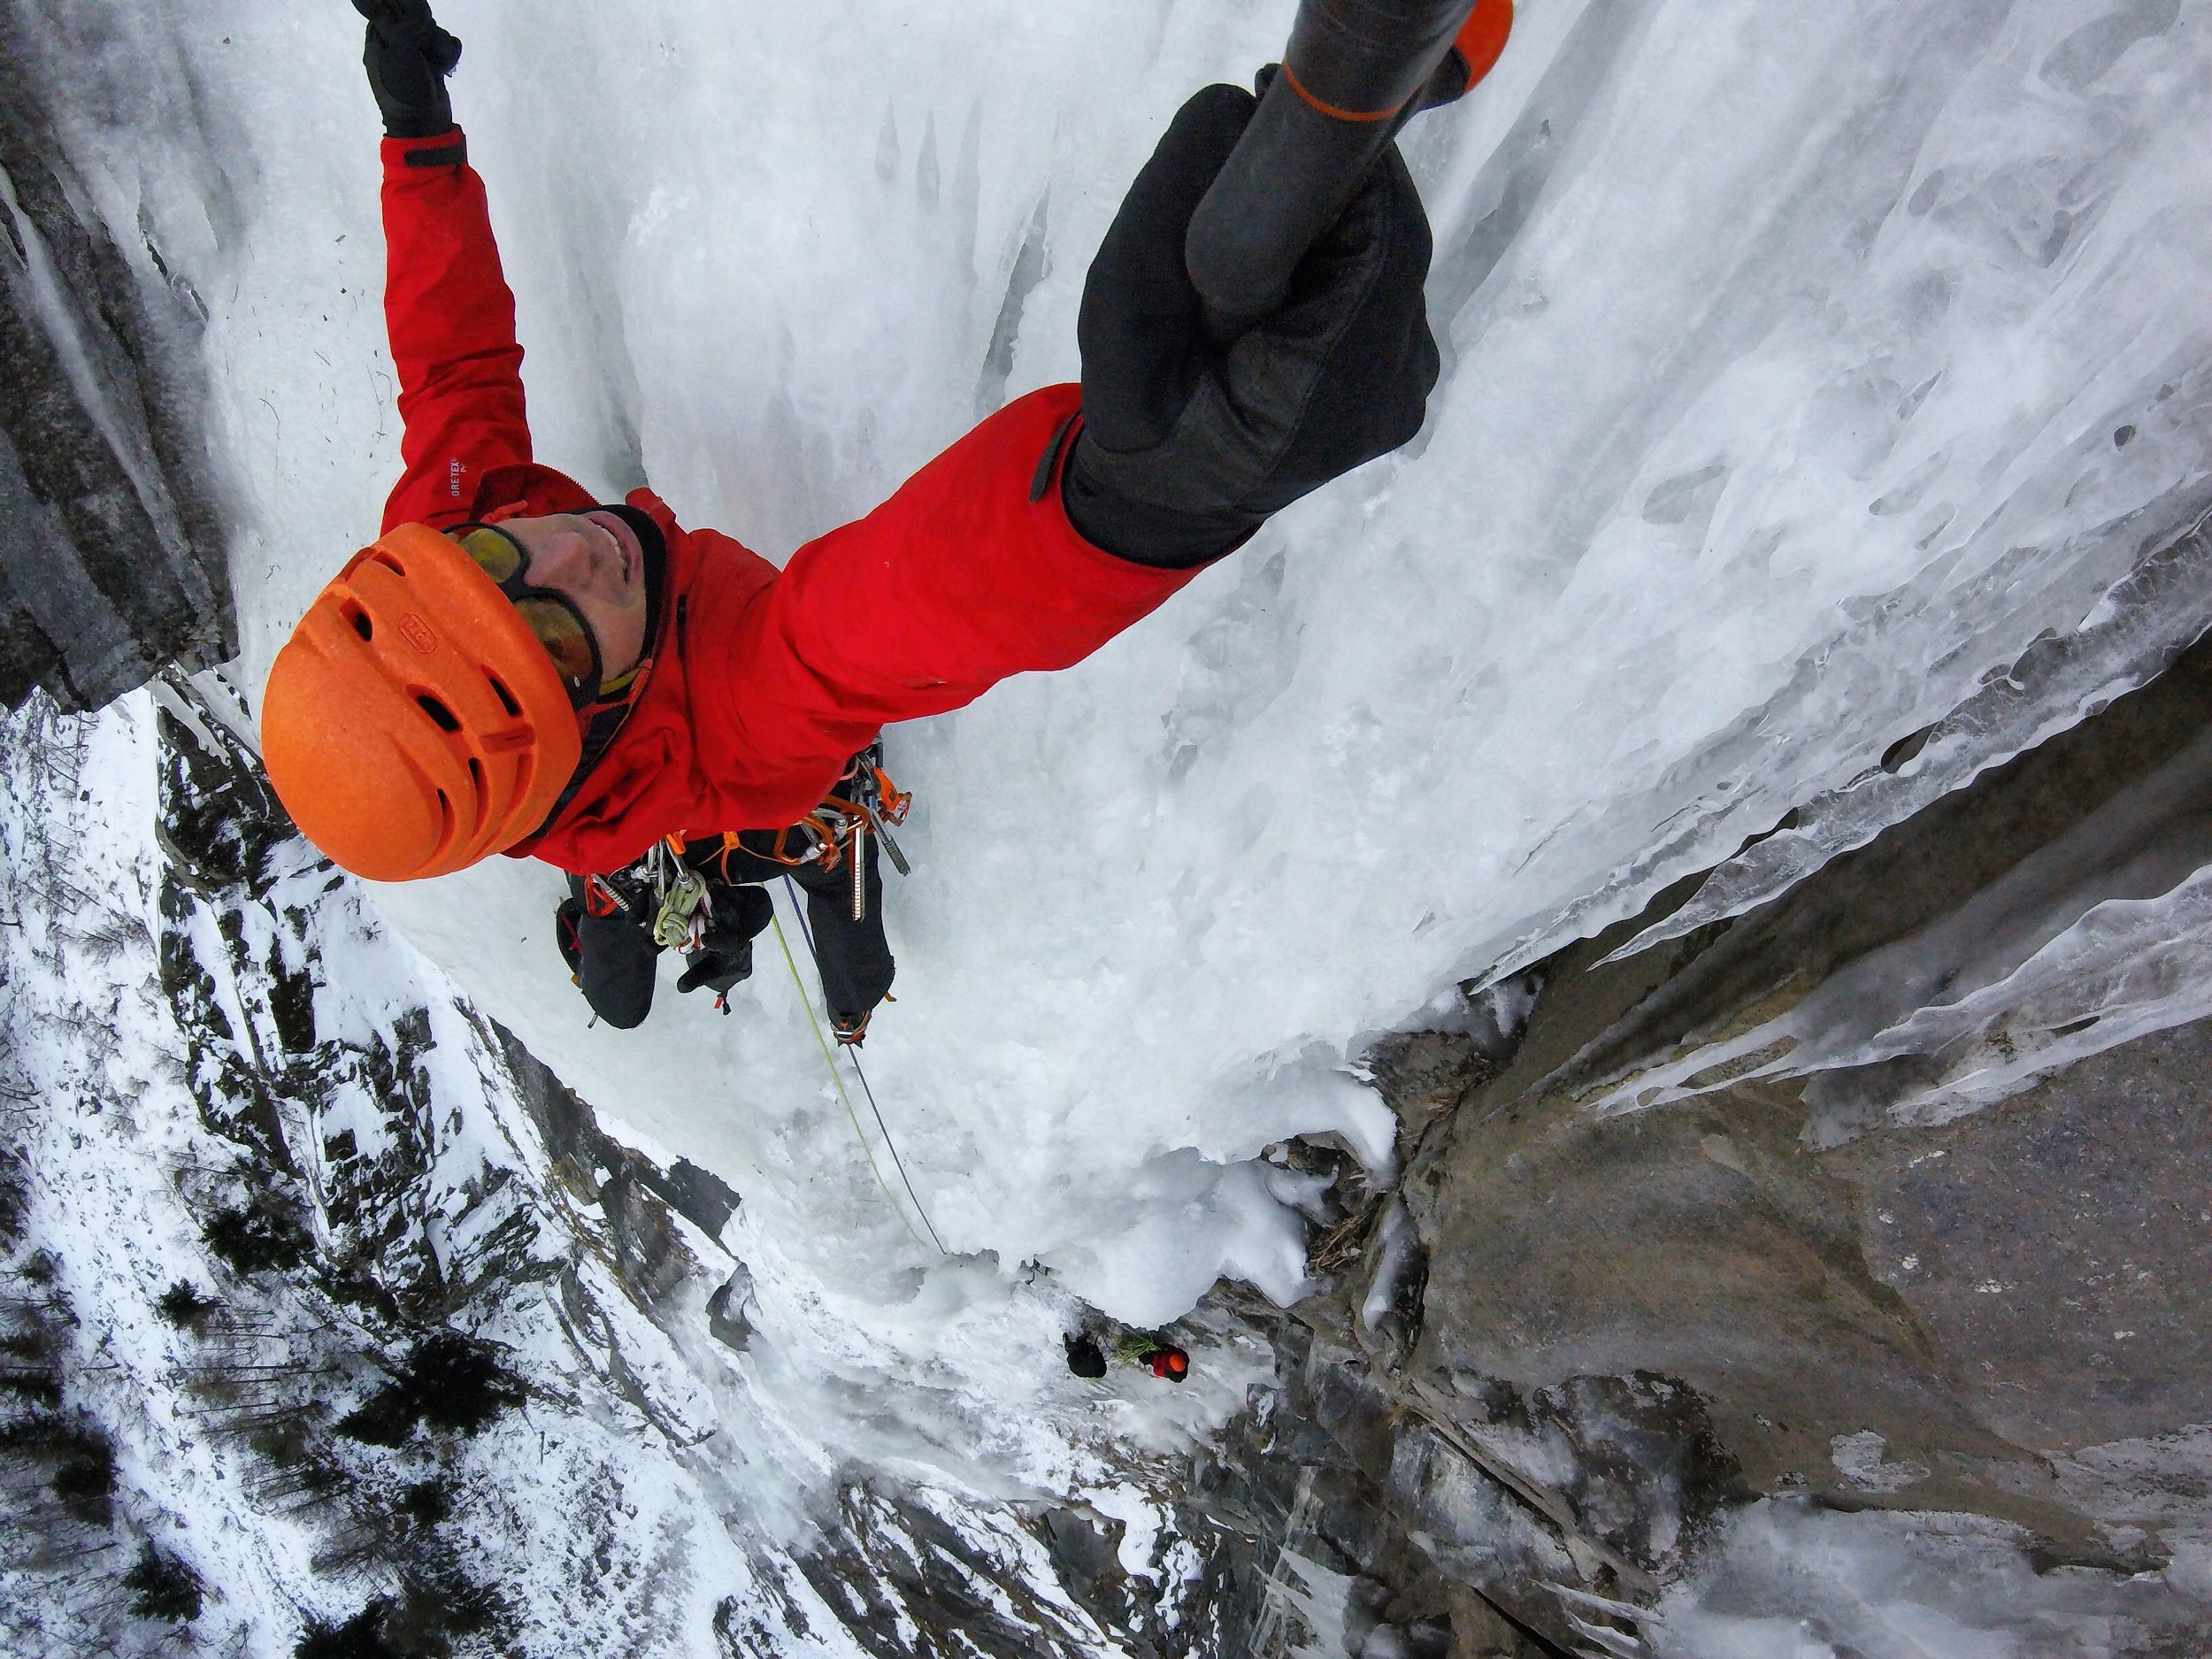 Matthias Scherer on Gouter des Généraux, Maurienne, France - picture Matthias Scherer